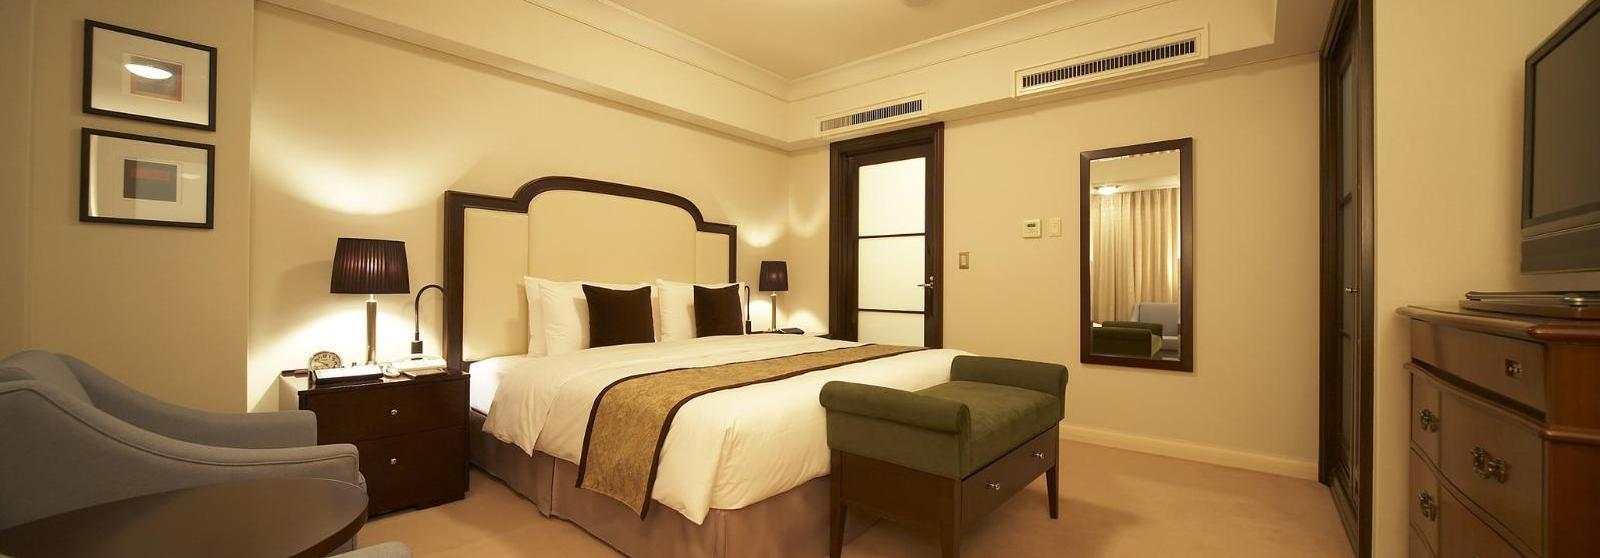 东京帝国酒店(Imperial Hotel Tokyo) 行政楼层转角客房图片  www.lhw.cn